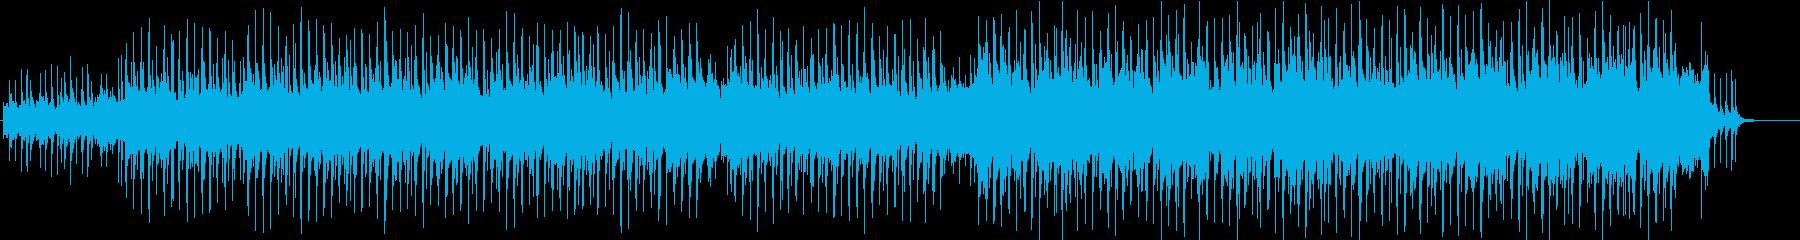 クール、挑戦、刺激的、VP系30bの再生済みの波形